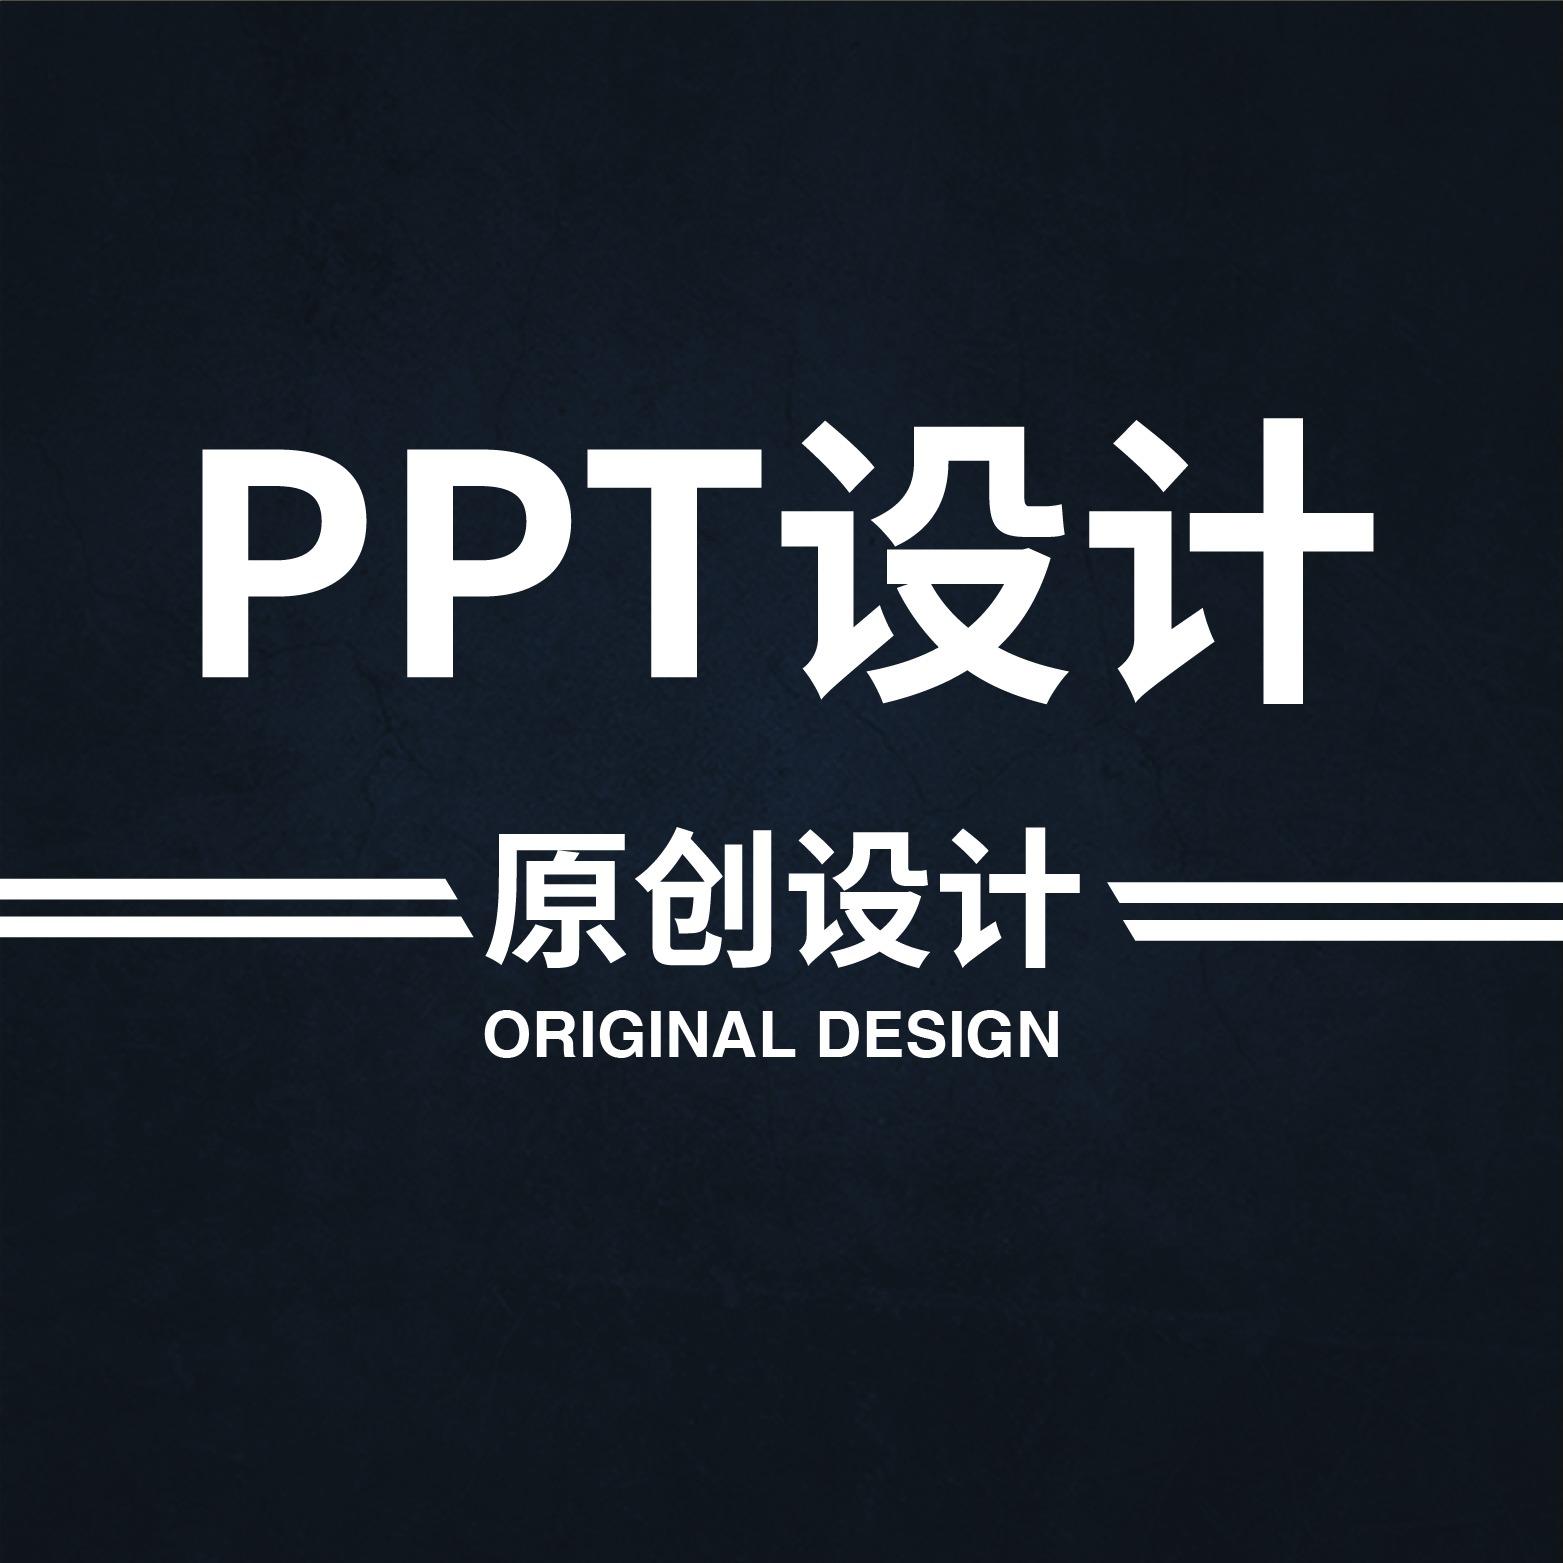 PPT设计企业演讲ppt,产品发布会ppt,庆典ppt等等